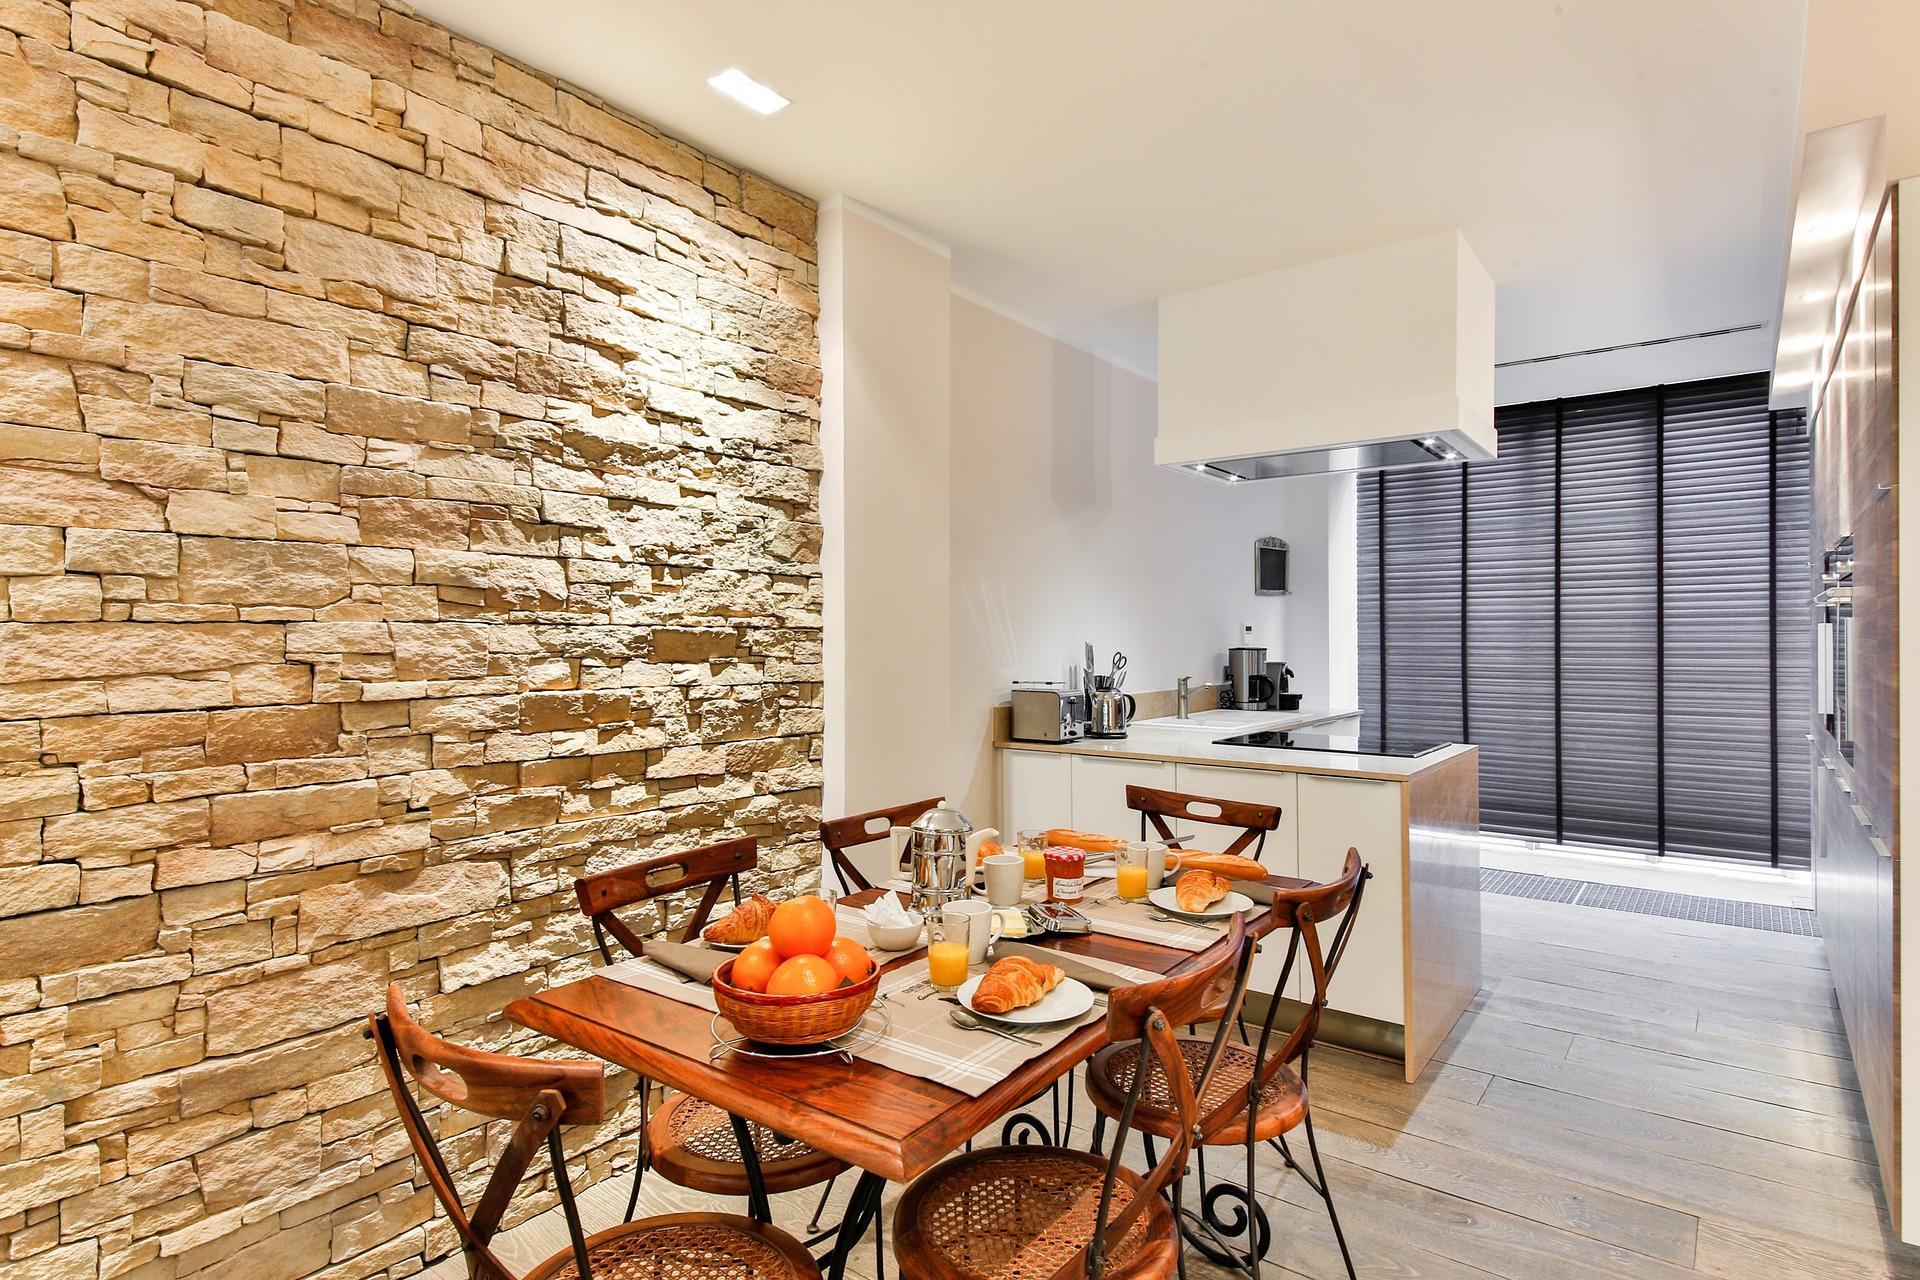 Kuchnia w bloku – jak urządzić